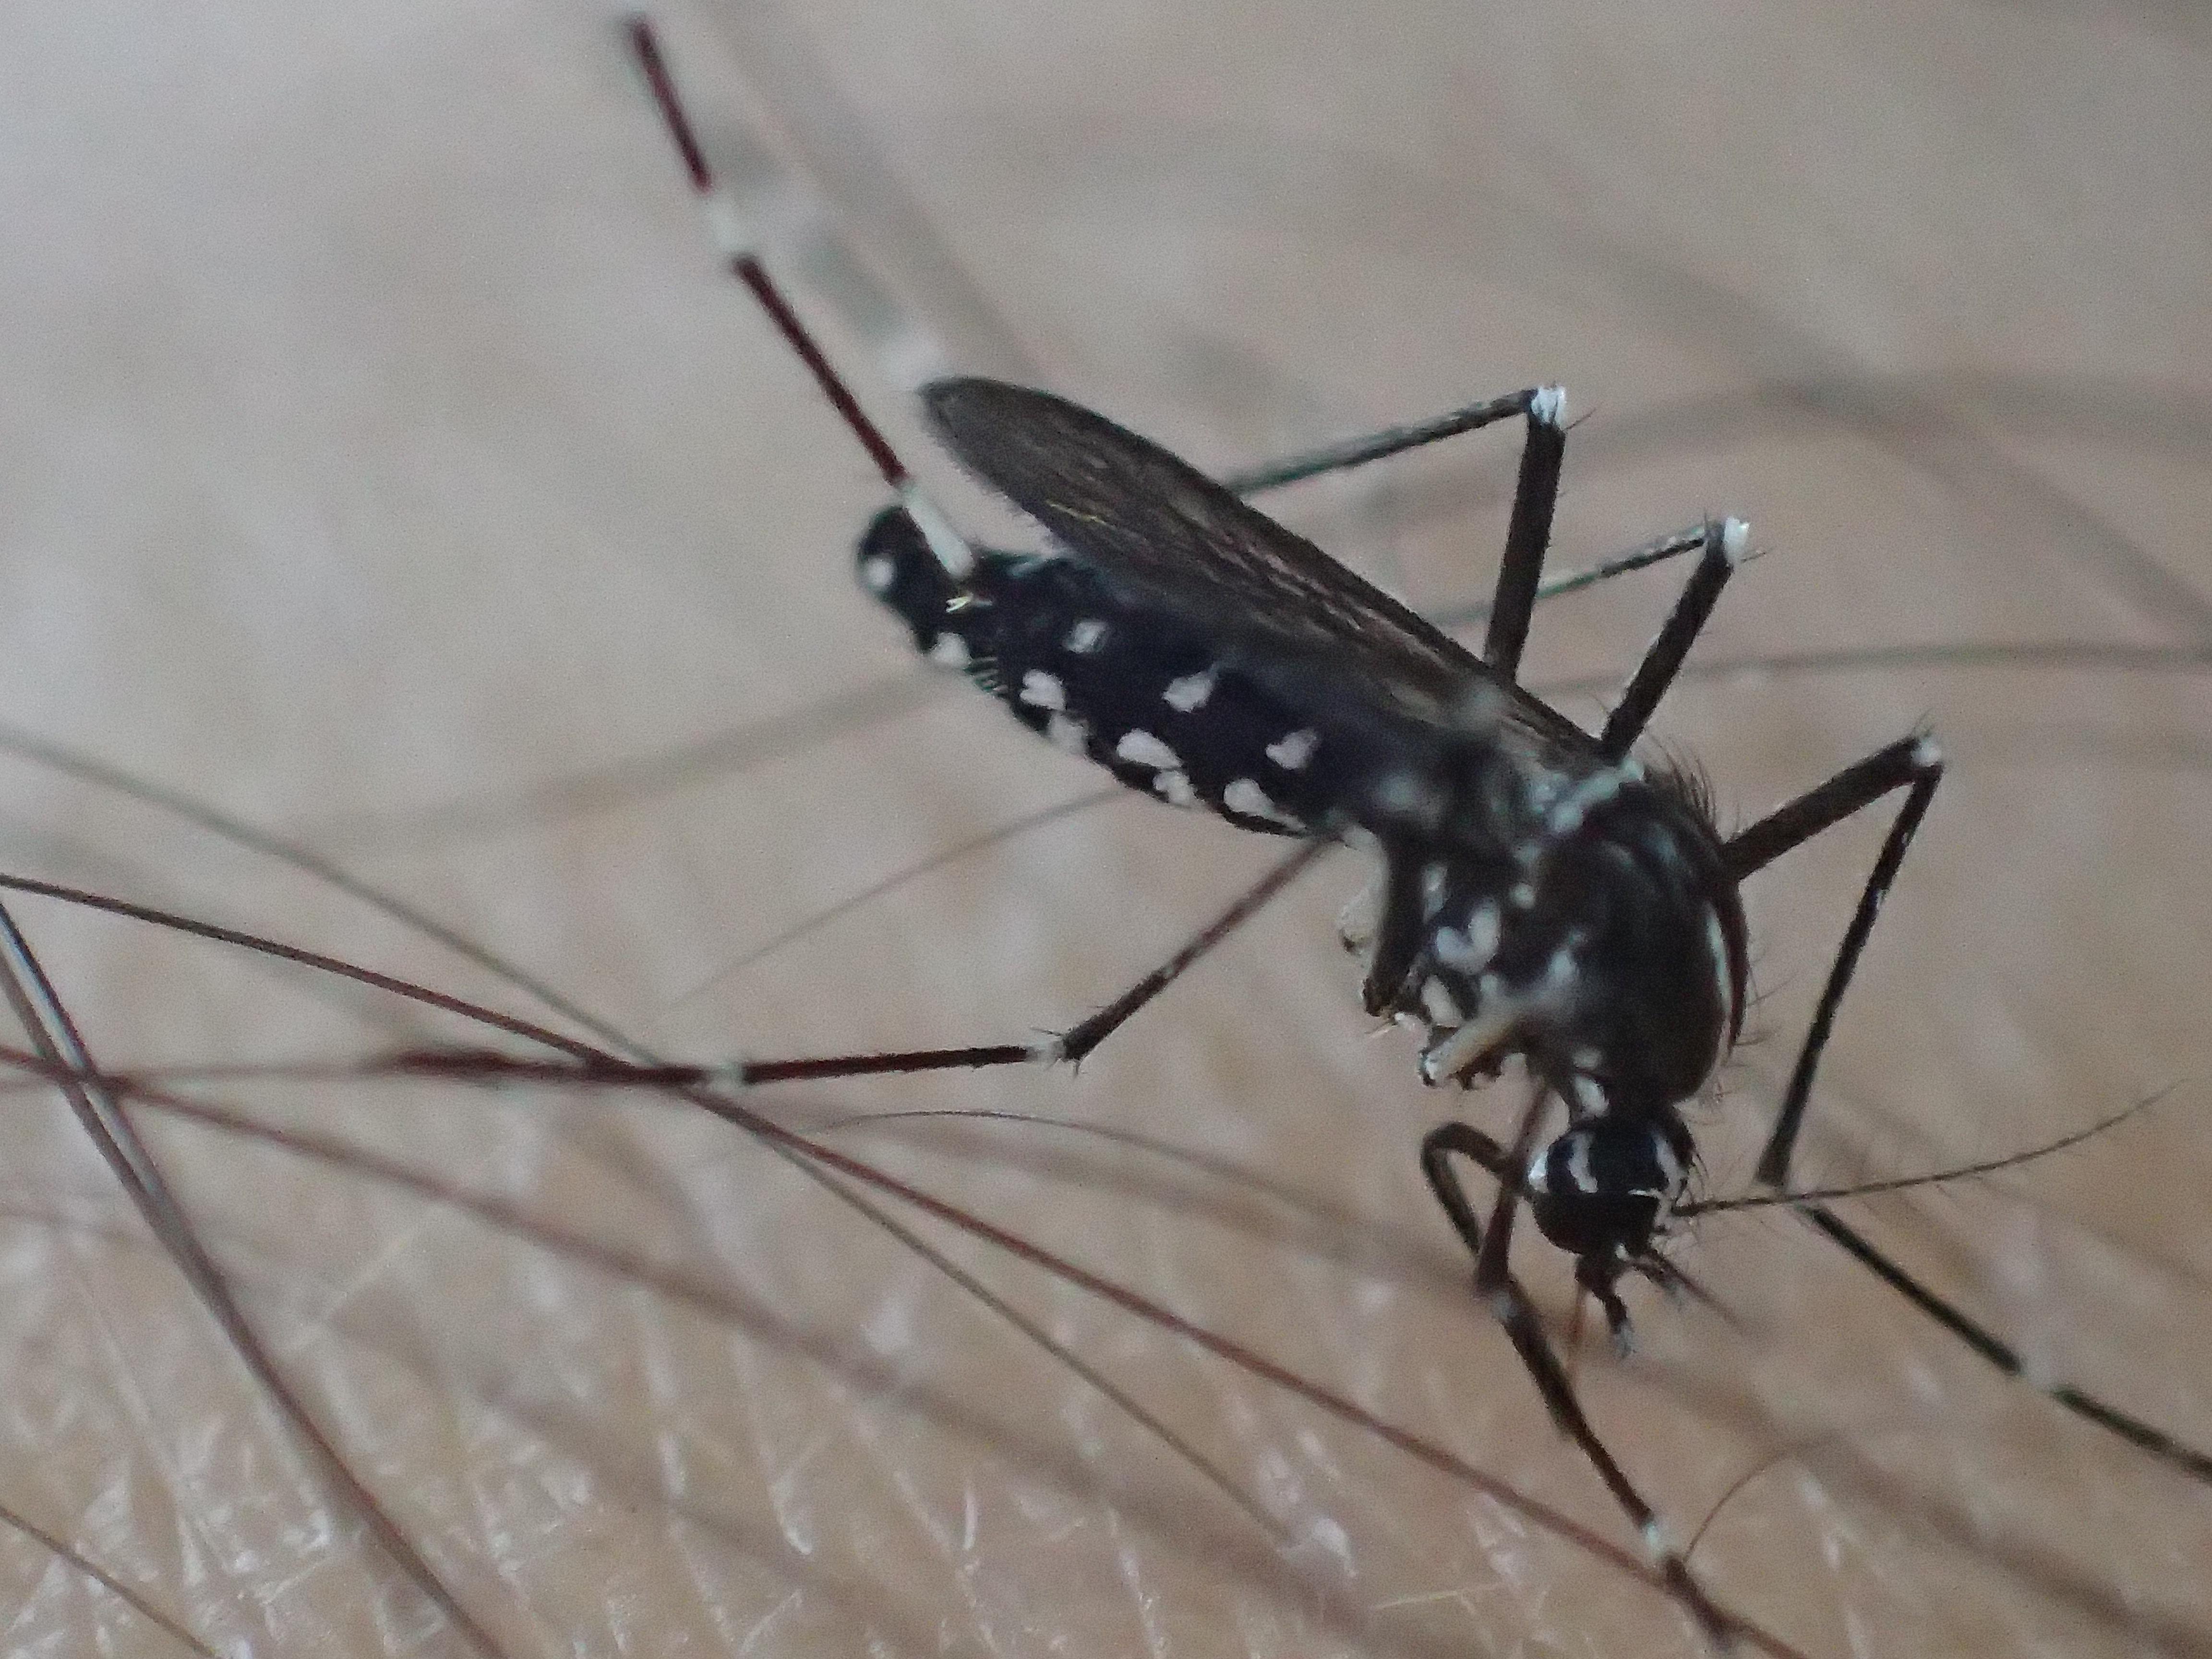 写真のヤブ蚊・ヒトスジシマカは珍しいほど血を吸うのが遅い